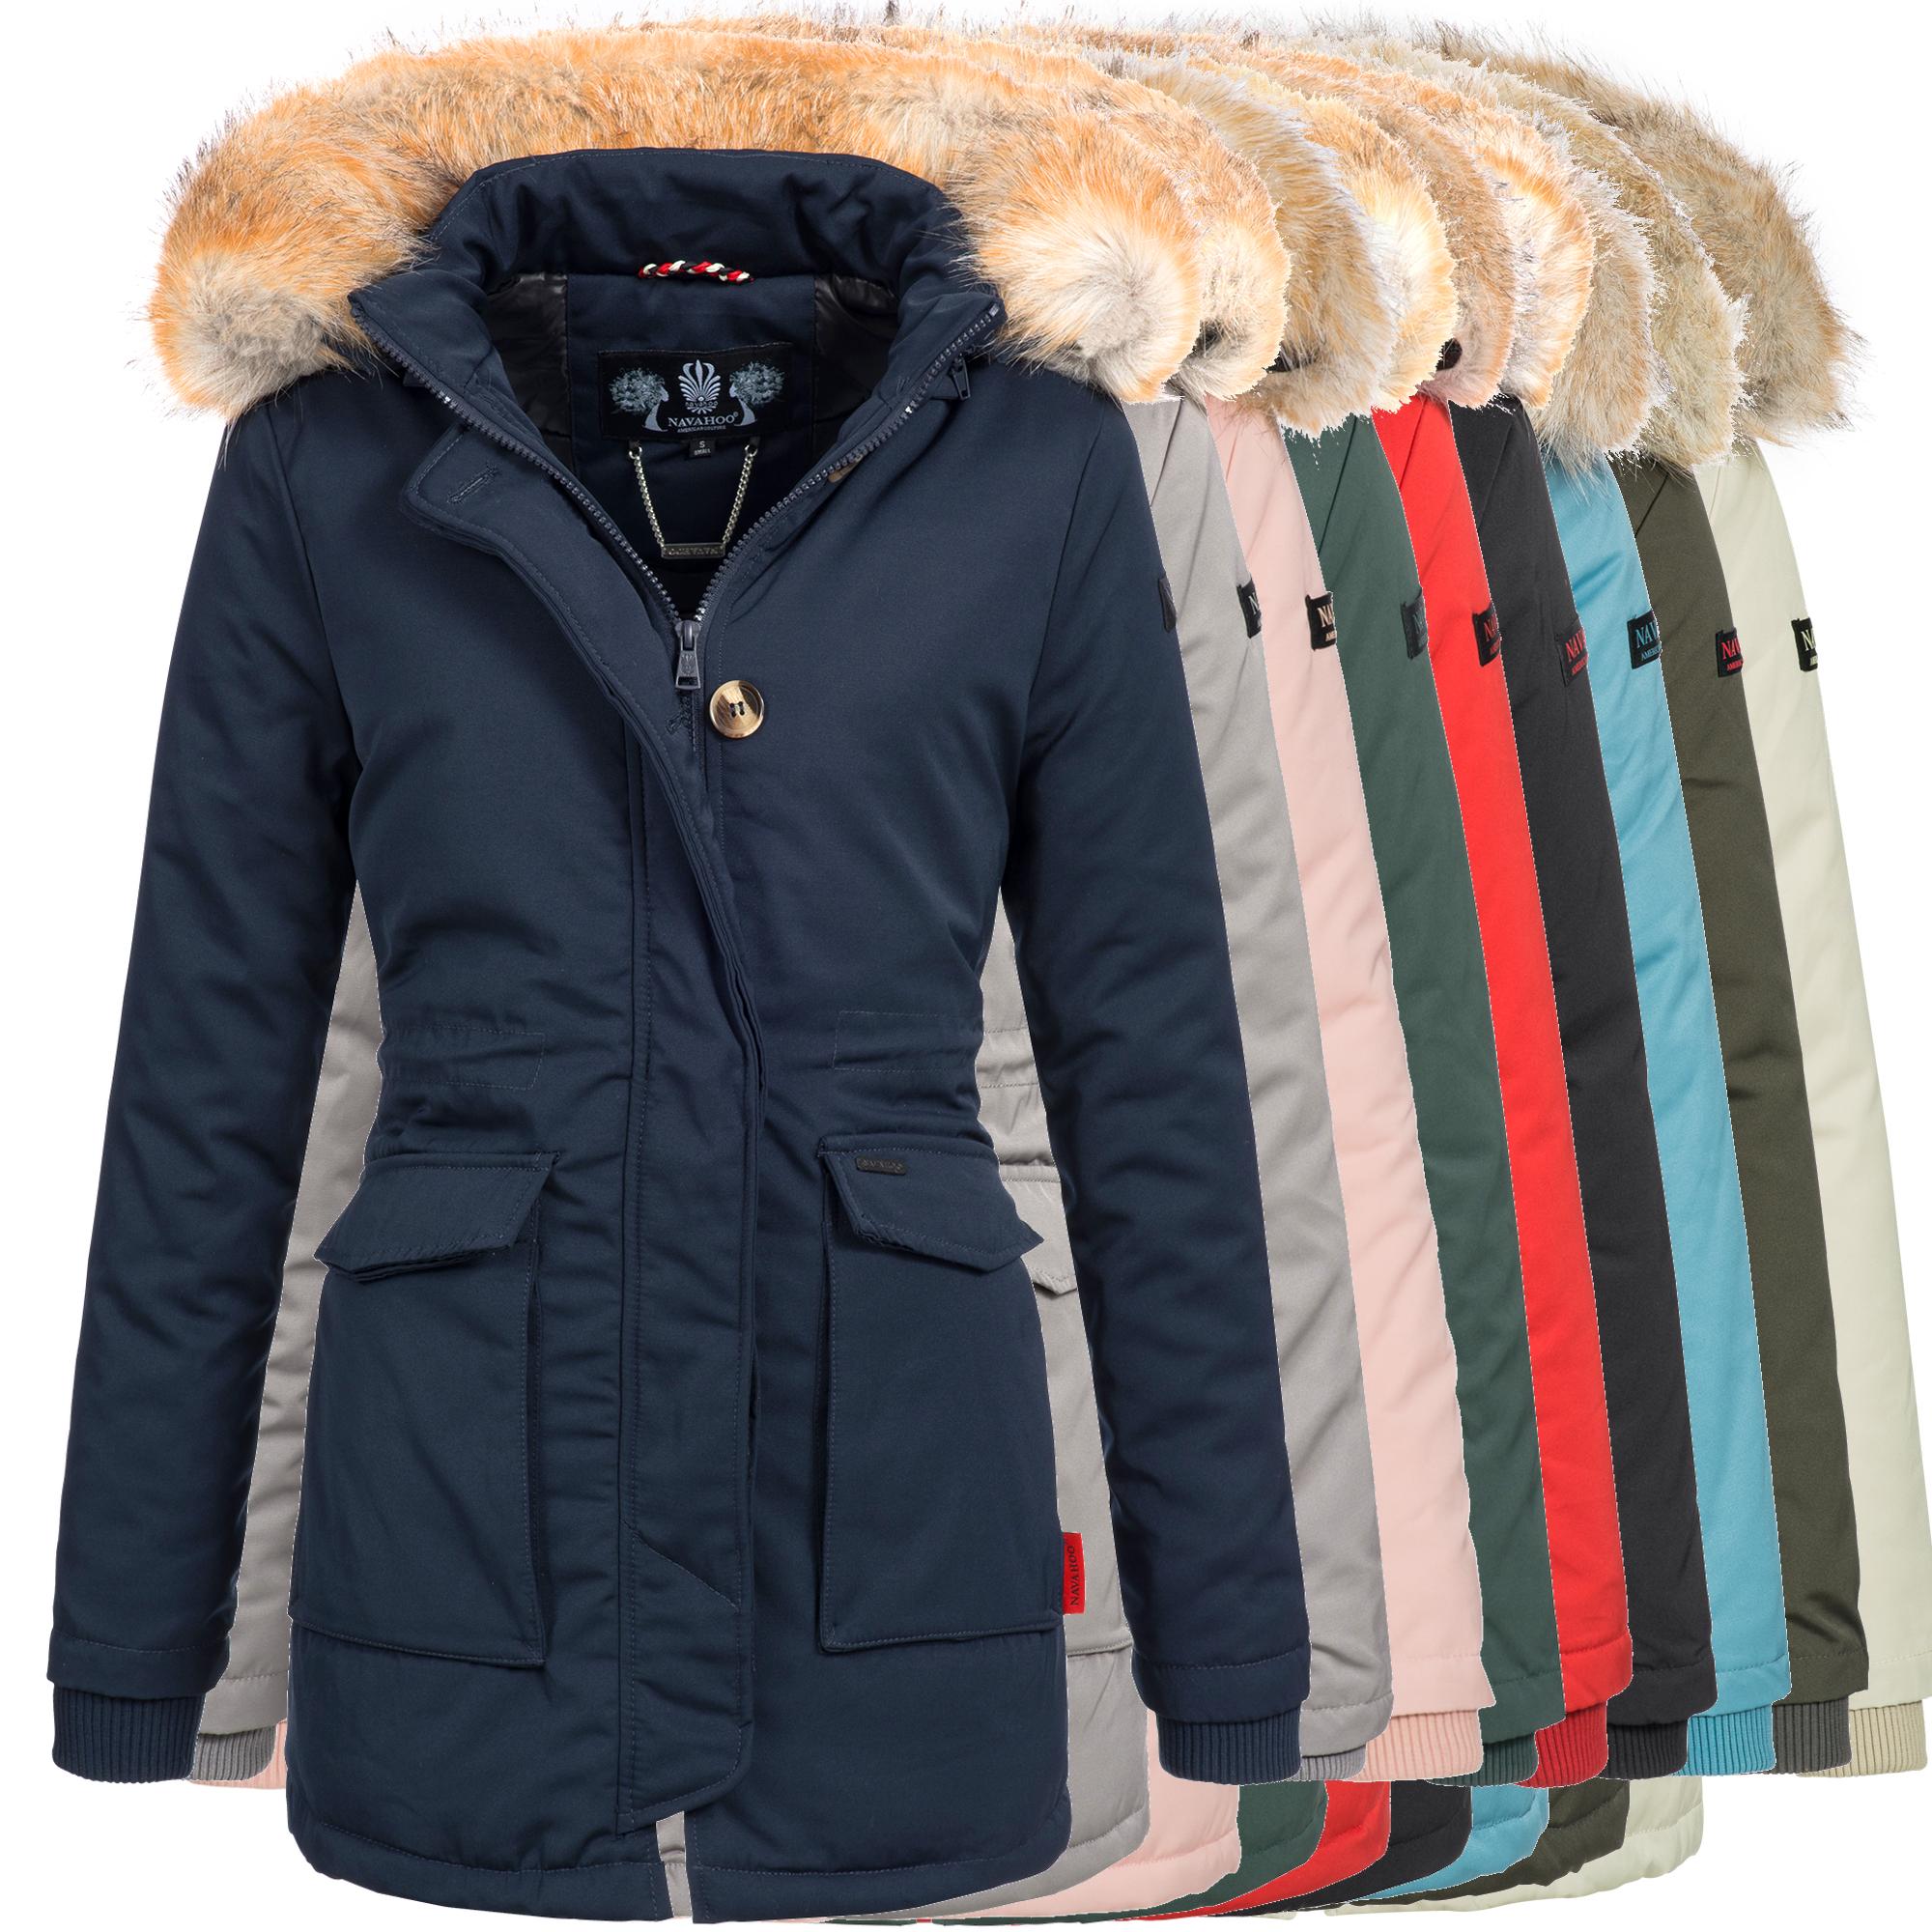 de6df6be66a1d8 Navahoo SCHNEEENGEL Damen Jacke Parka Mantel Winterjacke warm gefüttert Luxus  XXL Kunstpelz 7 Farben